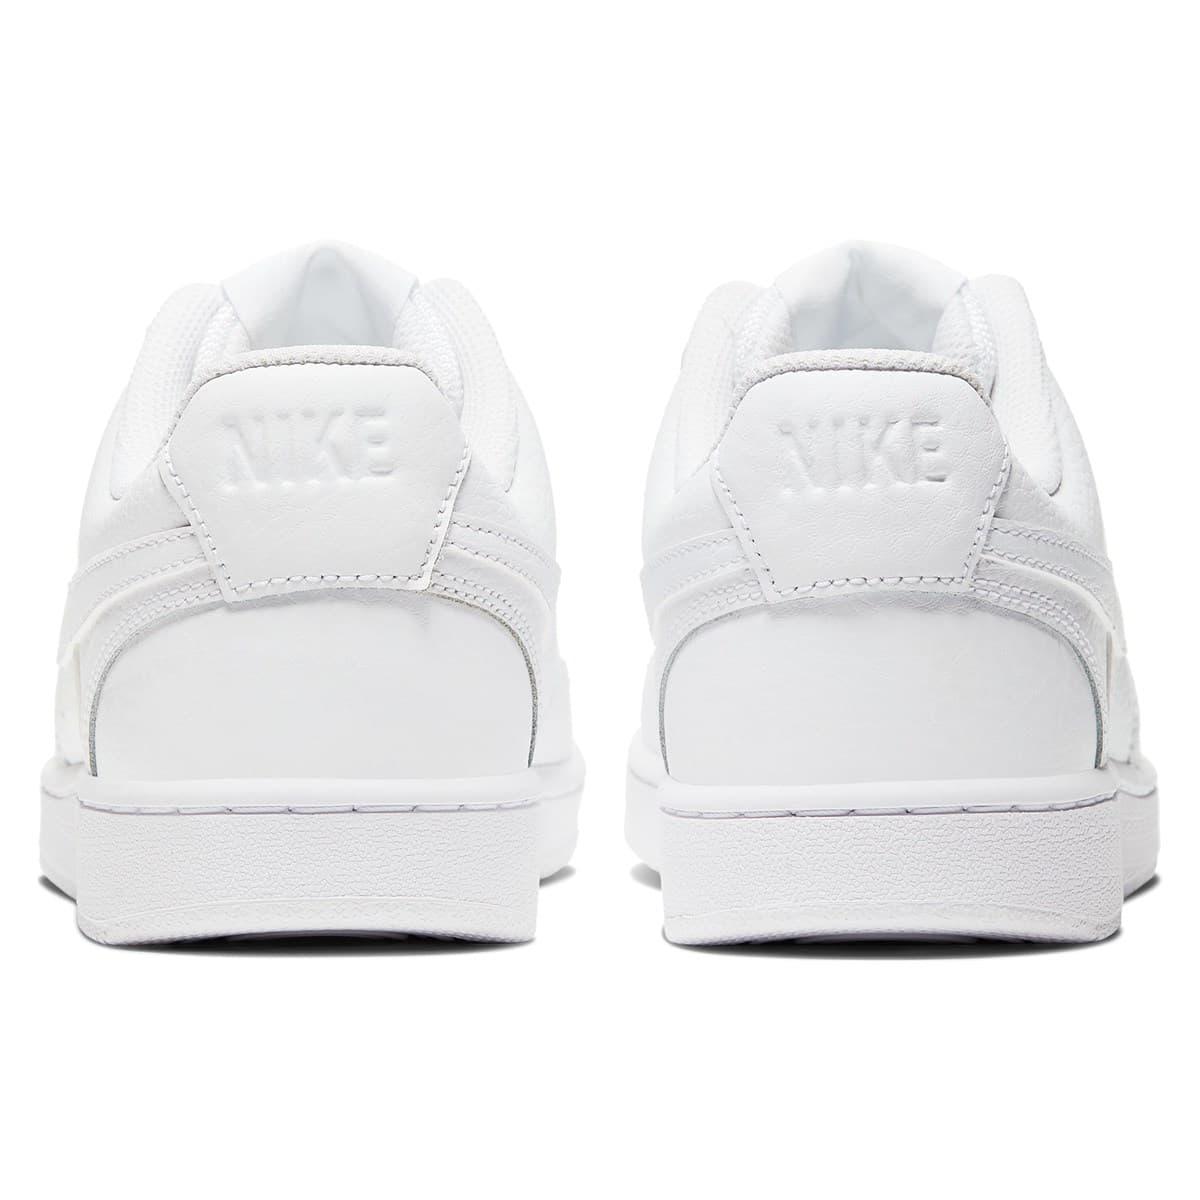 Court Vision Lo Erkek Beyaz Spor Ayakkabı (CD5463-100)